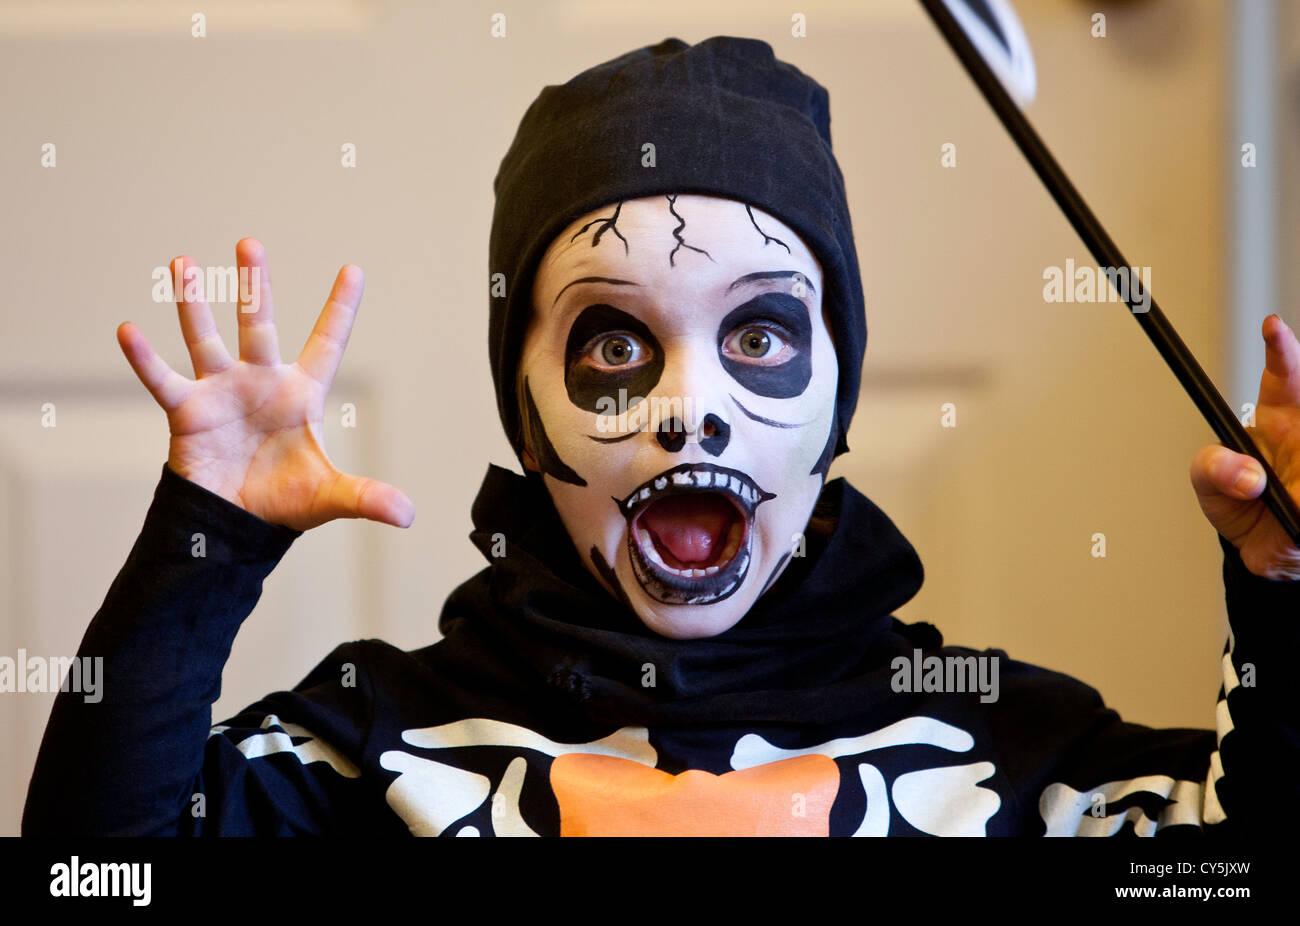 Halloween Gesicht, junges Kind mit Gesicht gemalt, furchtsames Gesicht Halloween, Kostüme für Kinder, halloween kostüm Ideen, jungen Halloween Kostüme. Stockfoto